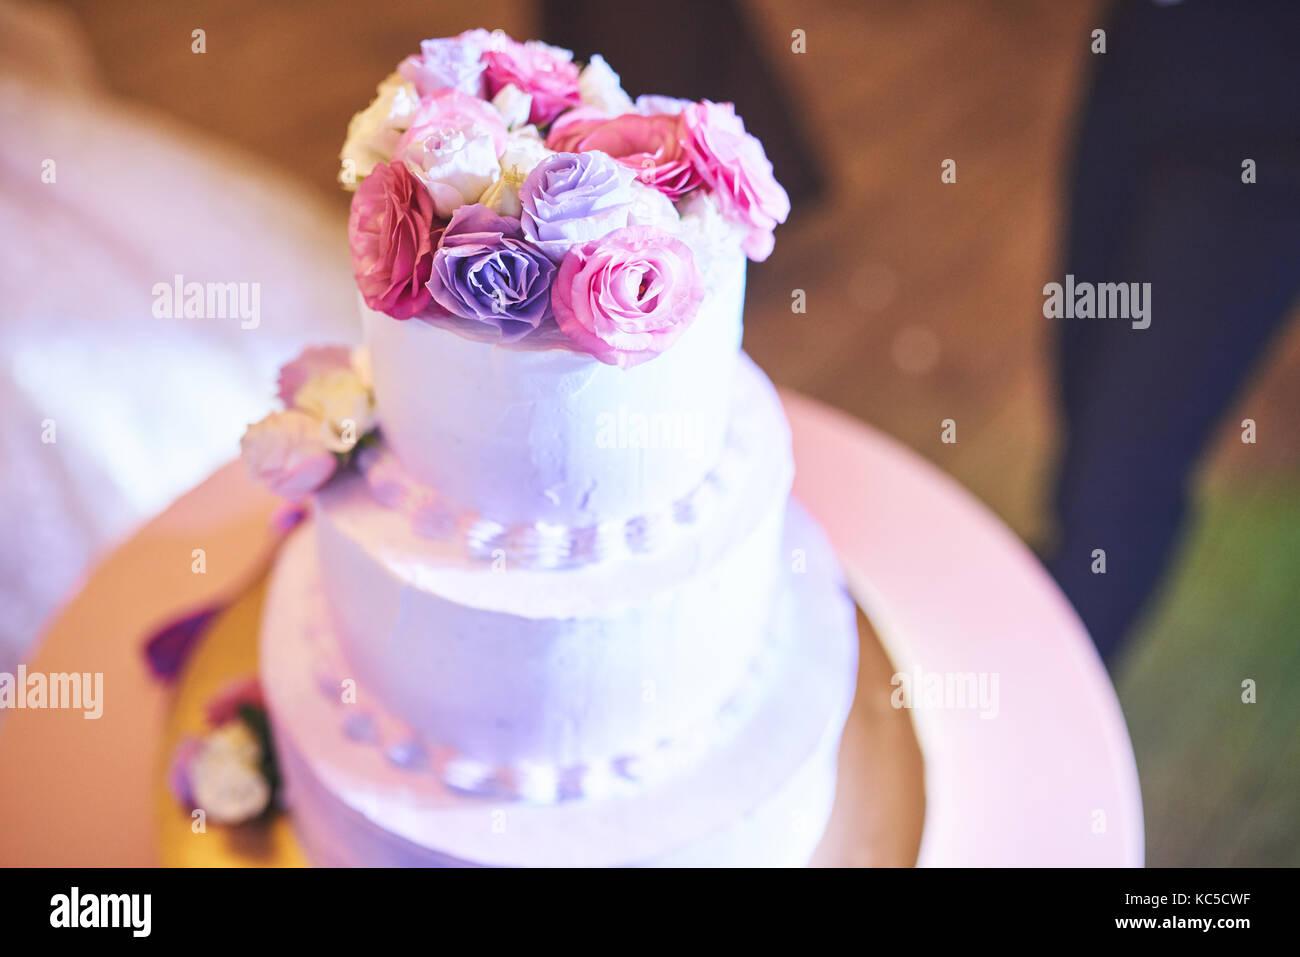 Schöne der Hochzeitstorte mit Blumen auf der Oberseite Stockbild